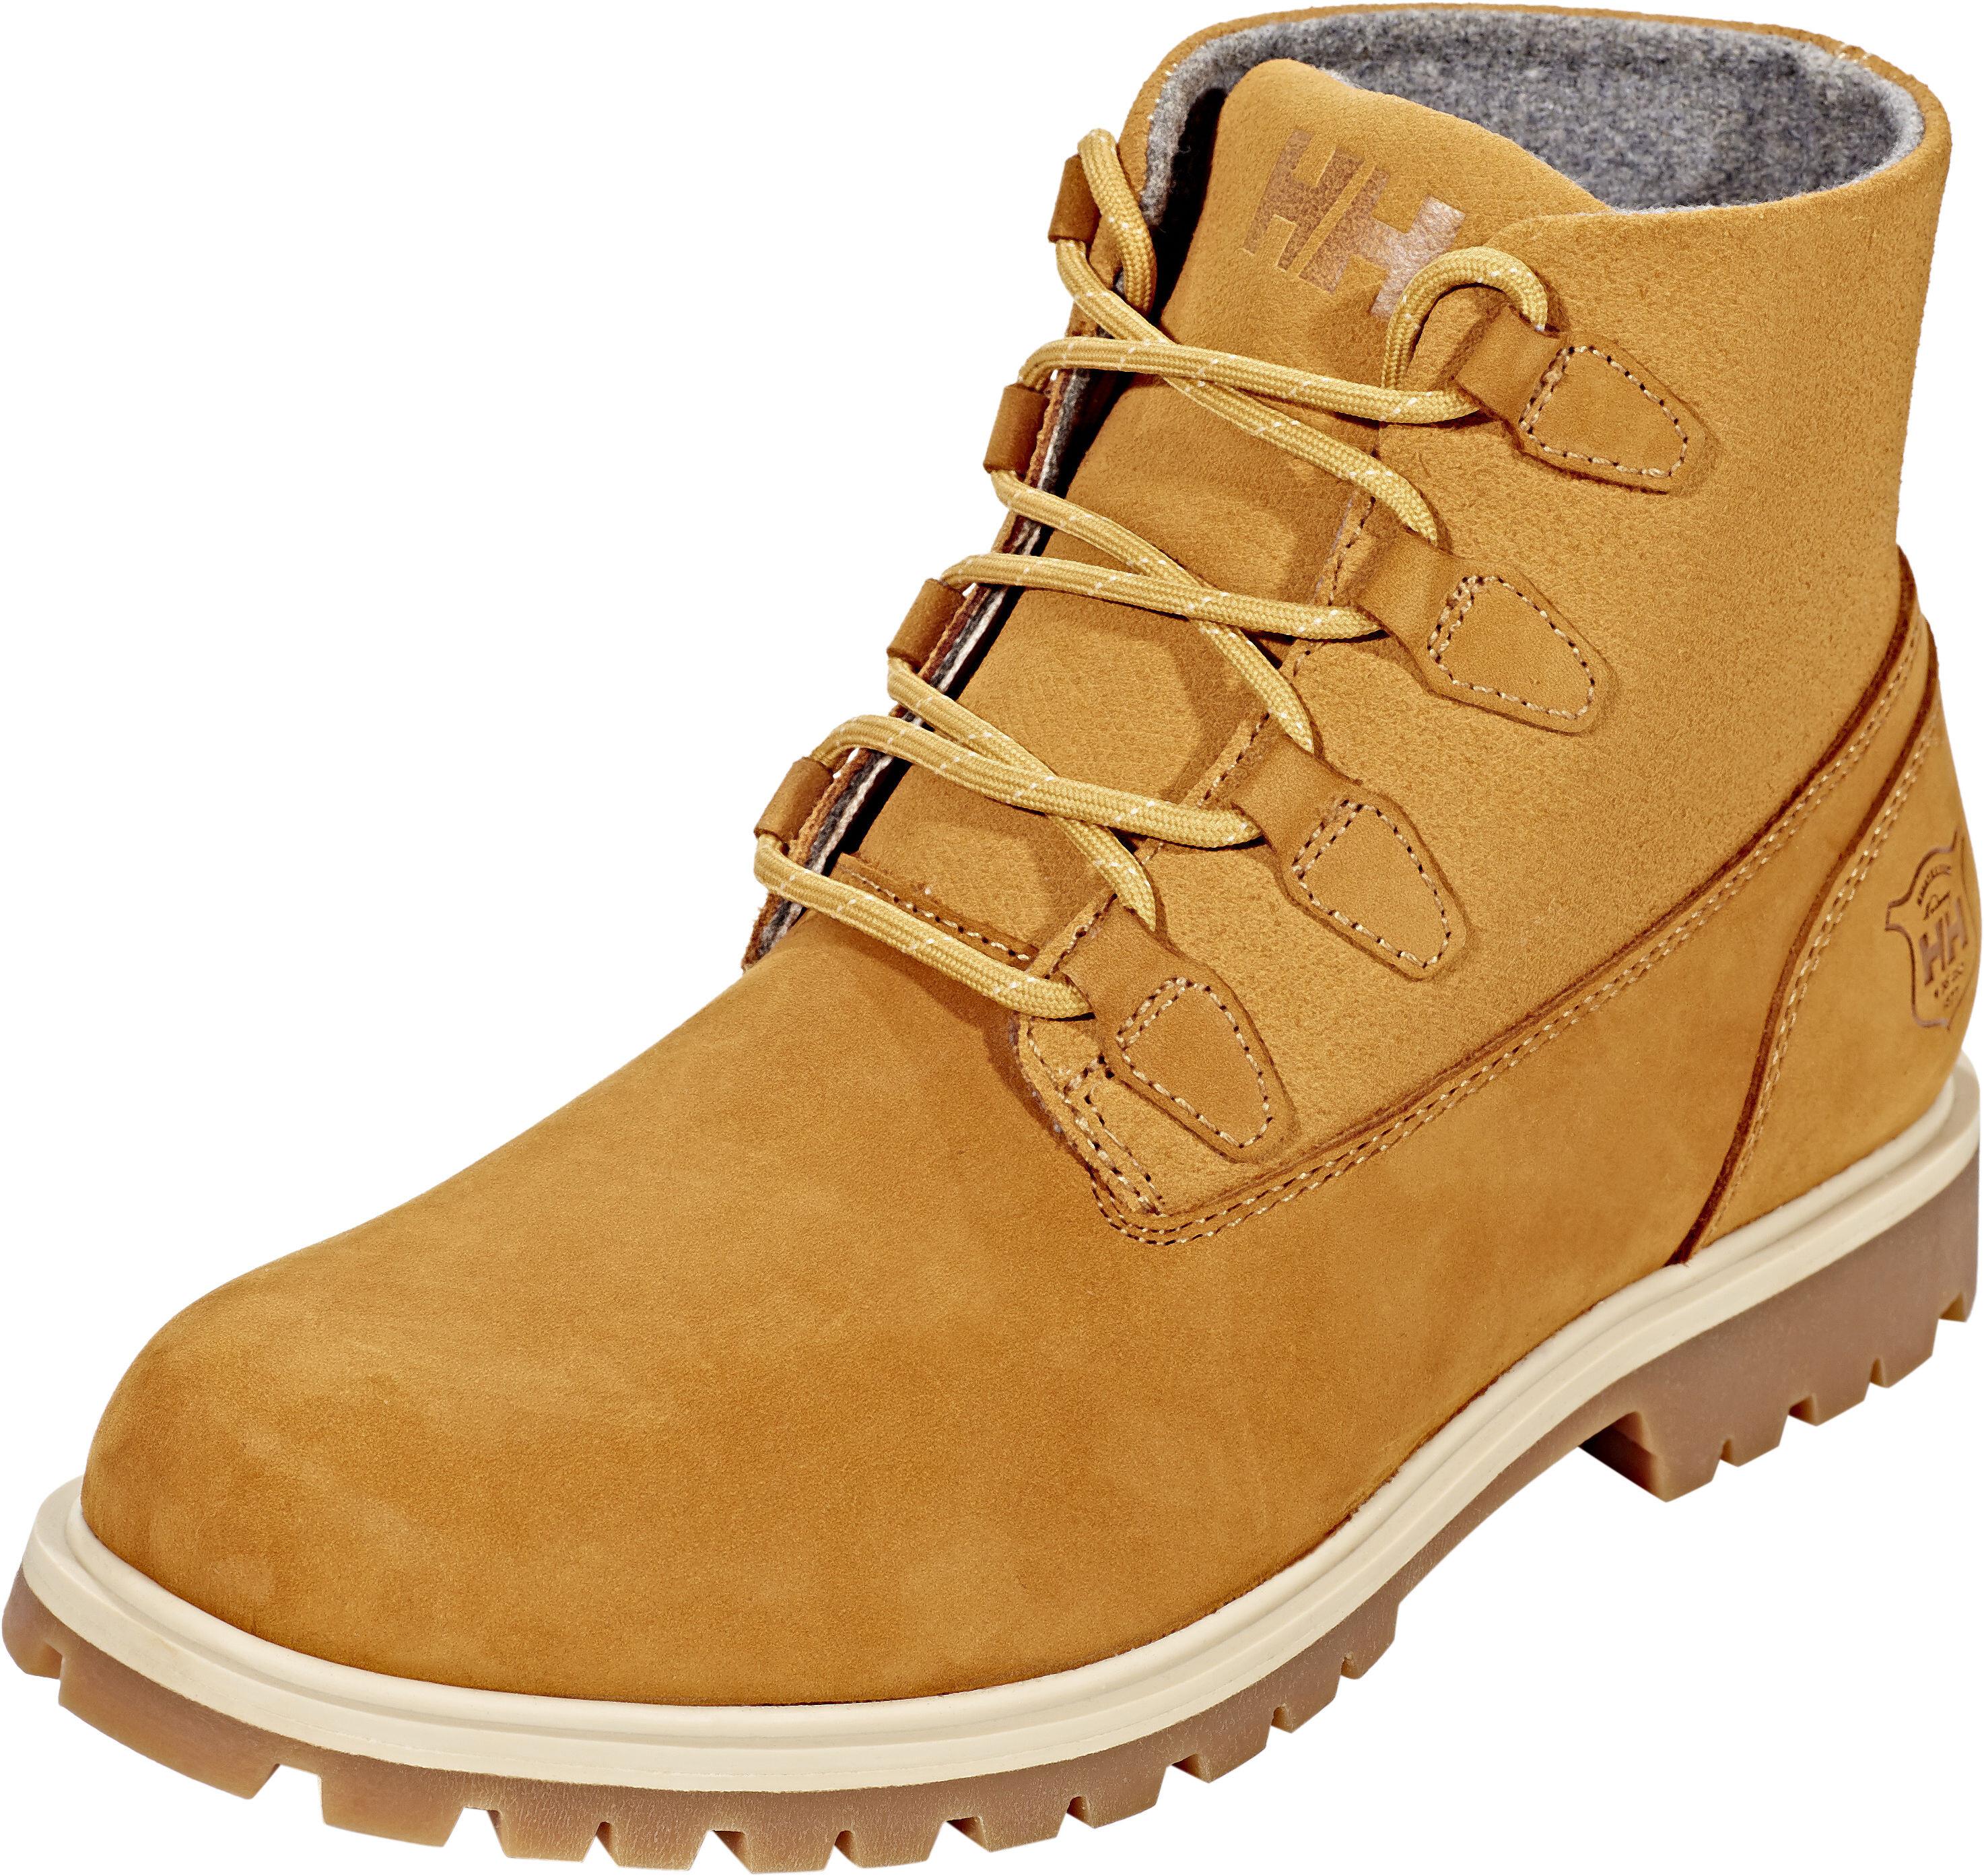 e776eb3ab04 Helly Hansen Cordova Sko Damer brun | Find outdoortøj, sko & udstyr ...